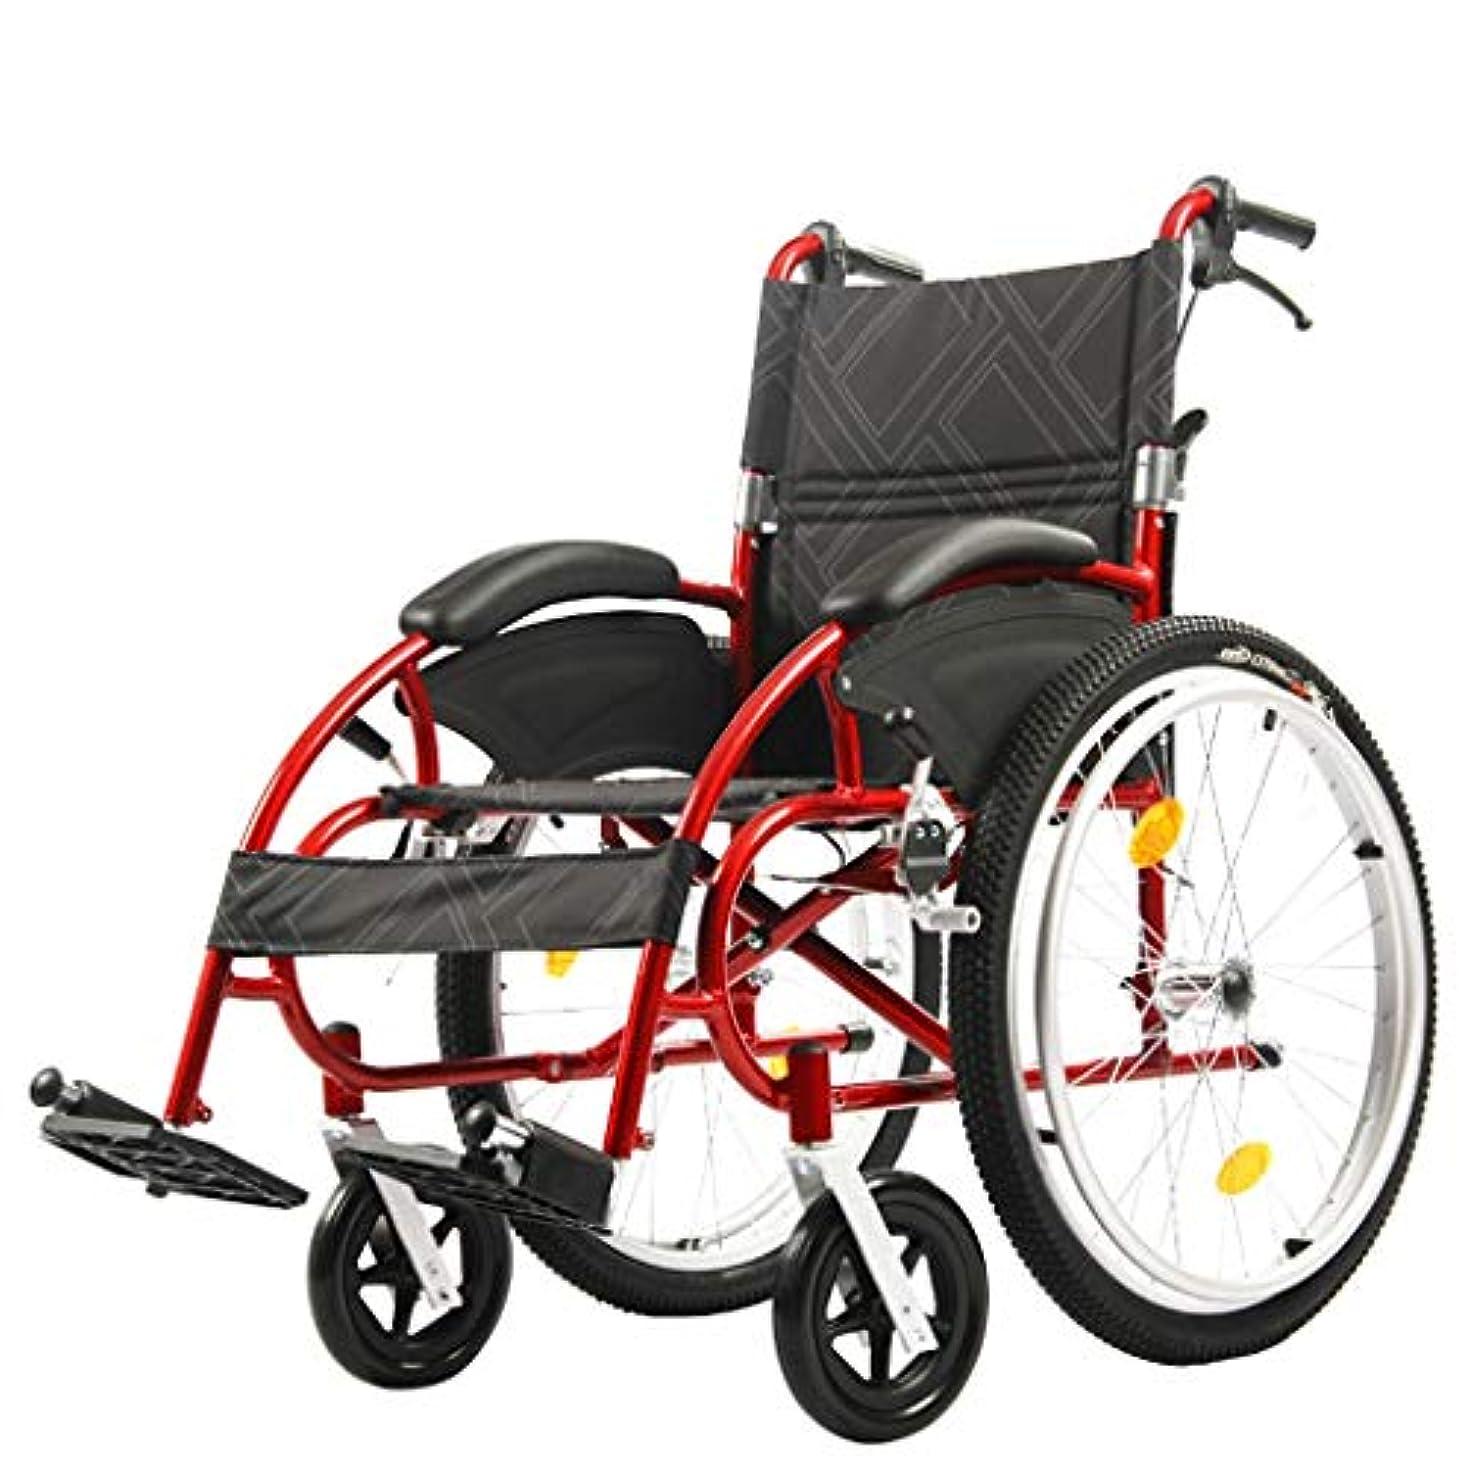 詐欺師アレンジ雨の折りたたみ車椅子、高齢者障害者用トロリー、高齢者に適した、屋外旅行、レジャー車椅子